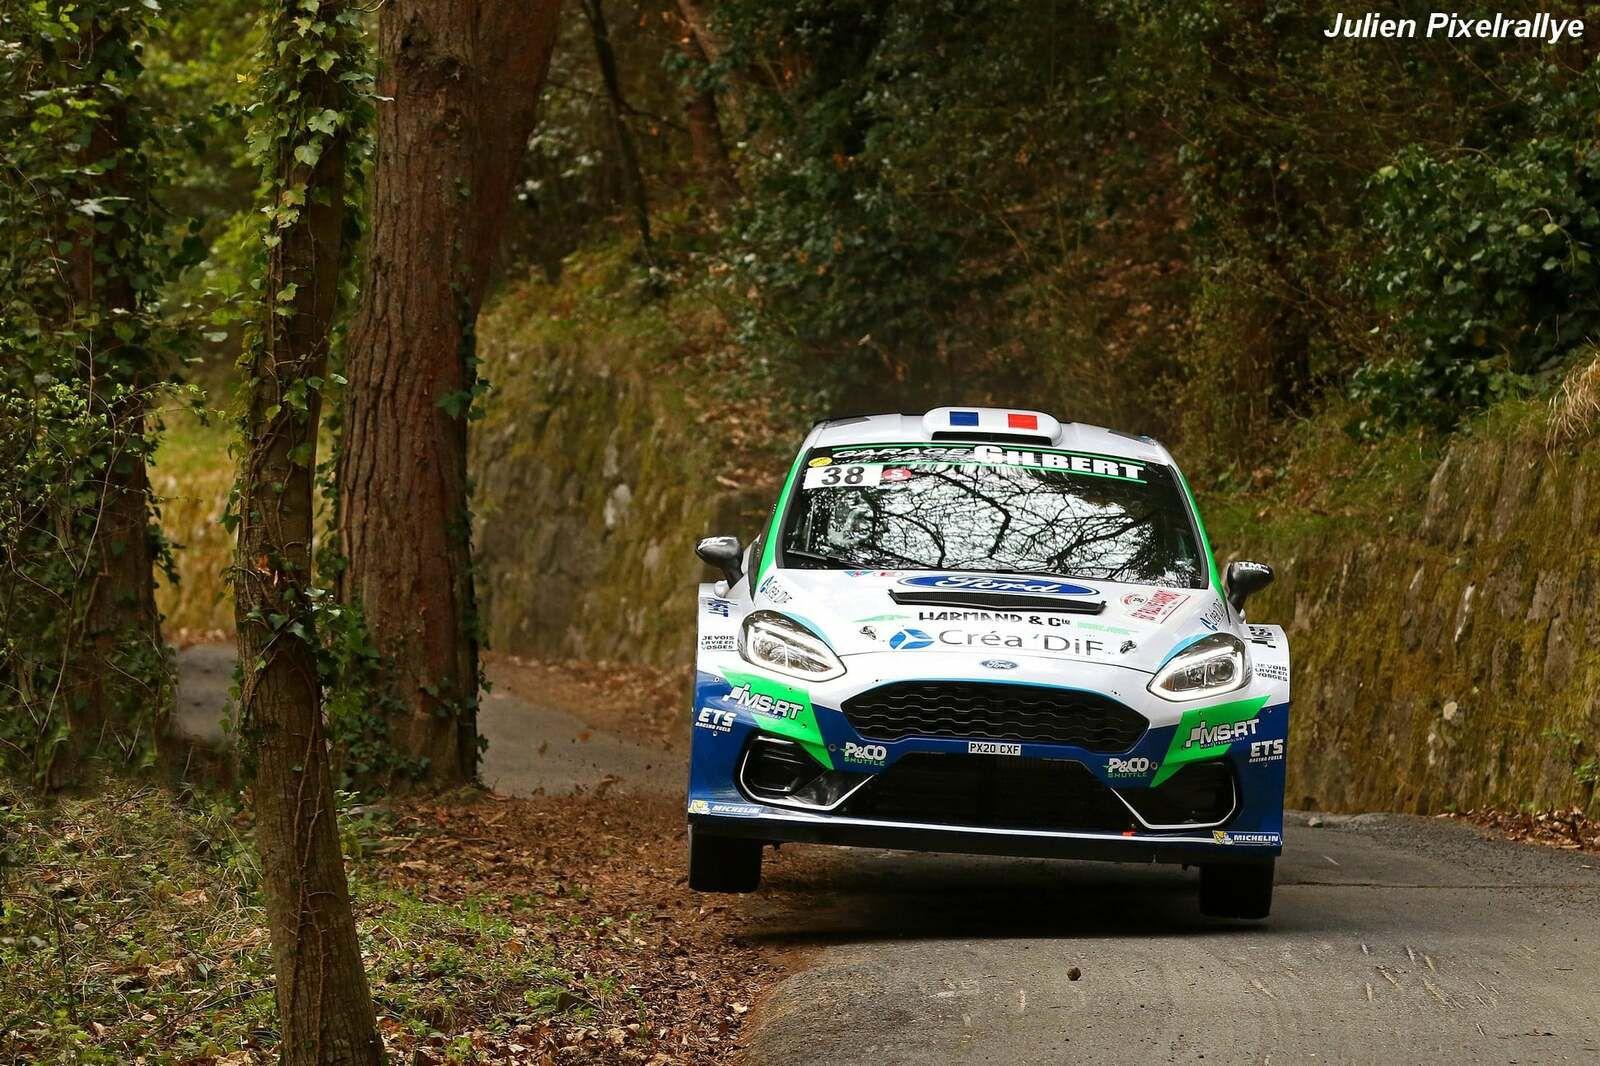 Rallye Sanremo WRC 2021....  T.Neuville  devant  après 3 spéciales...